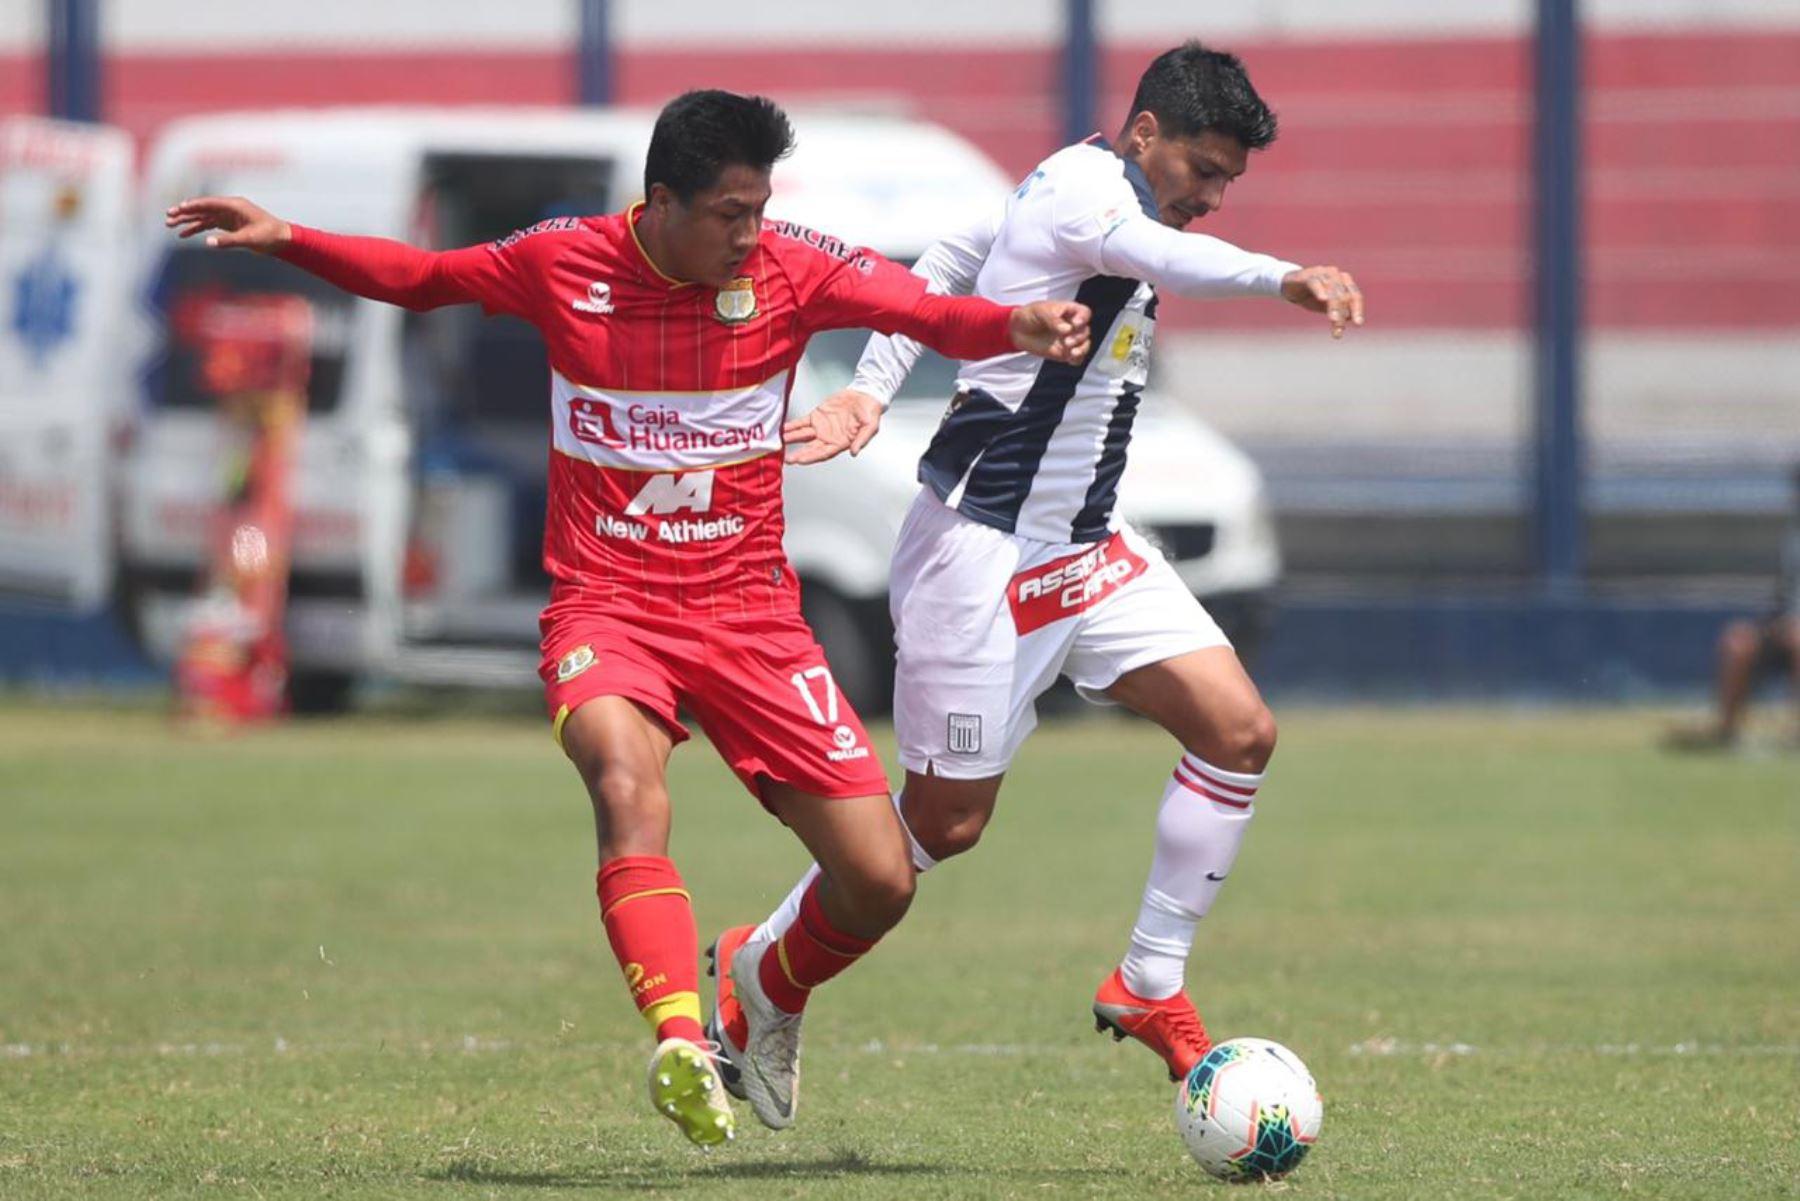 El futbolista L. Villar del Sport Huancayo se enfrenta por el balón ante su rival de Alianza Lima por la jornada 12 de la Liga 1, en elestadio Iván Elías Moreno de Villa El Salvador. Foto: @LigaFutProf